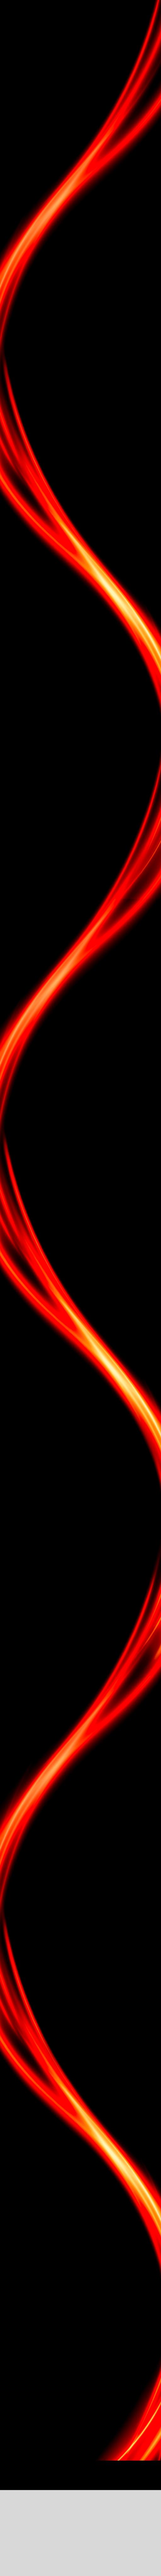 Fond noir avec faisceau lumineux spiralé rouge et jaune